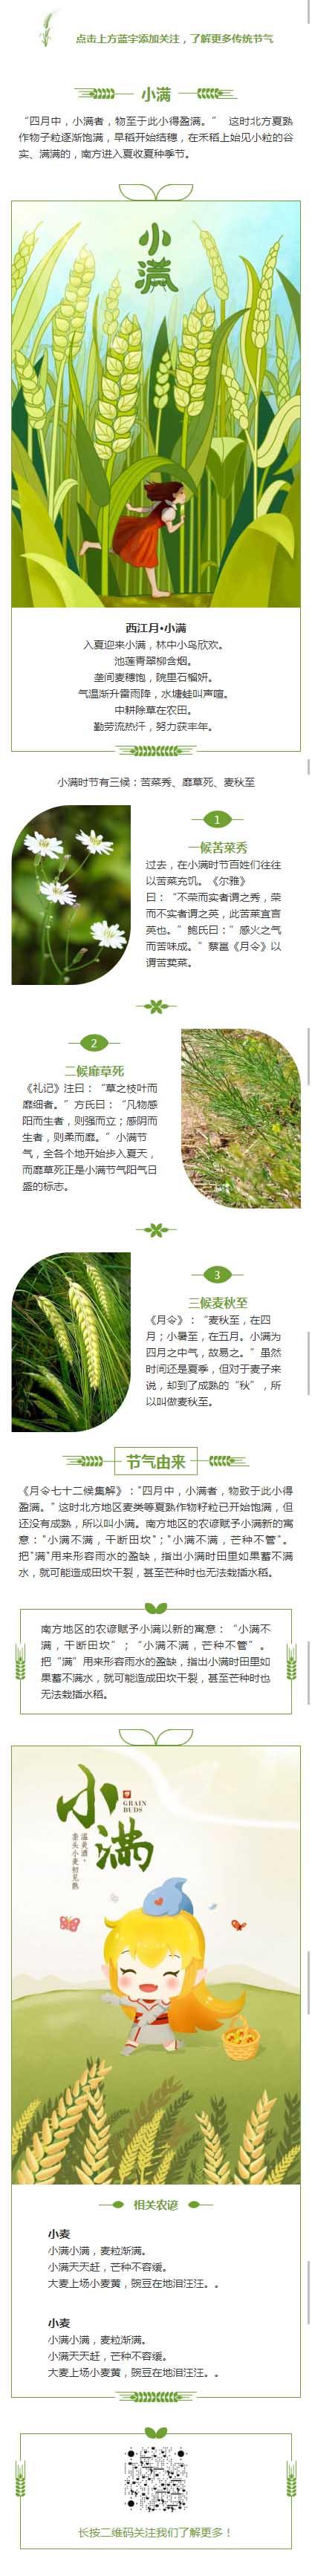 西江月·小满传统节气二十四节气之一中国传统节日